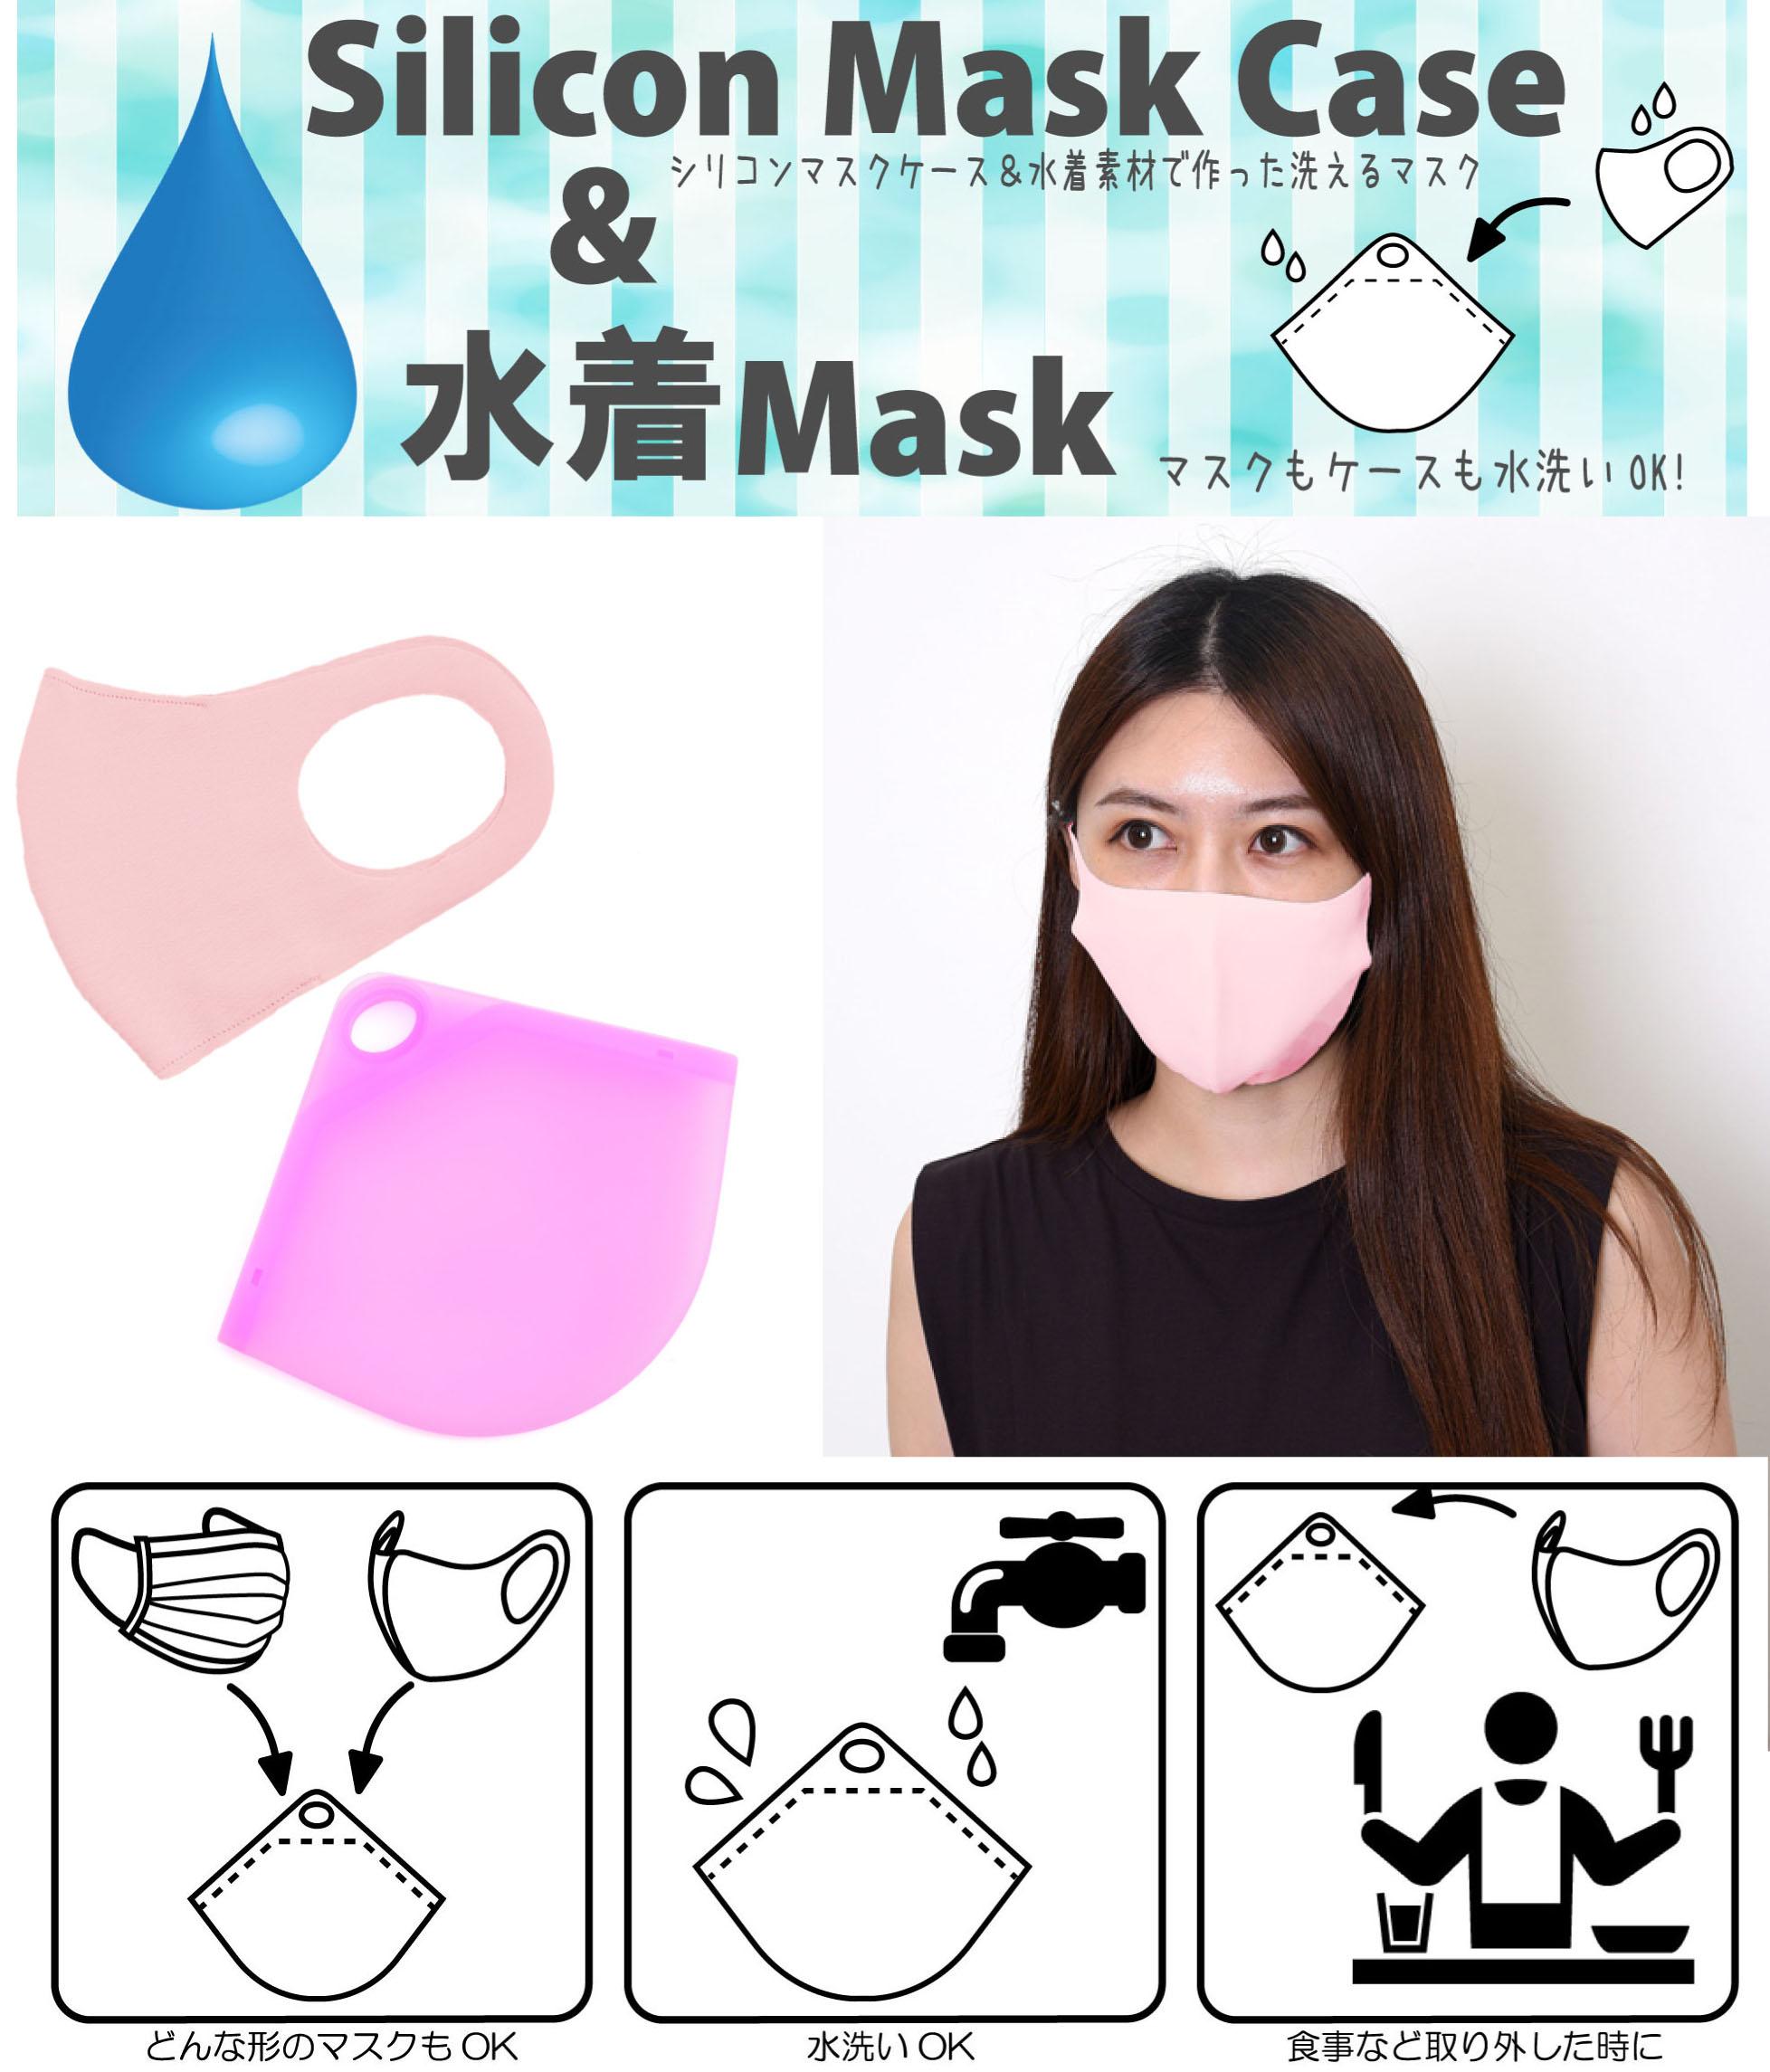 New 水着マスク(M)とシリコンケース